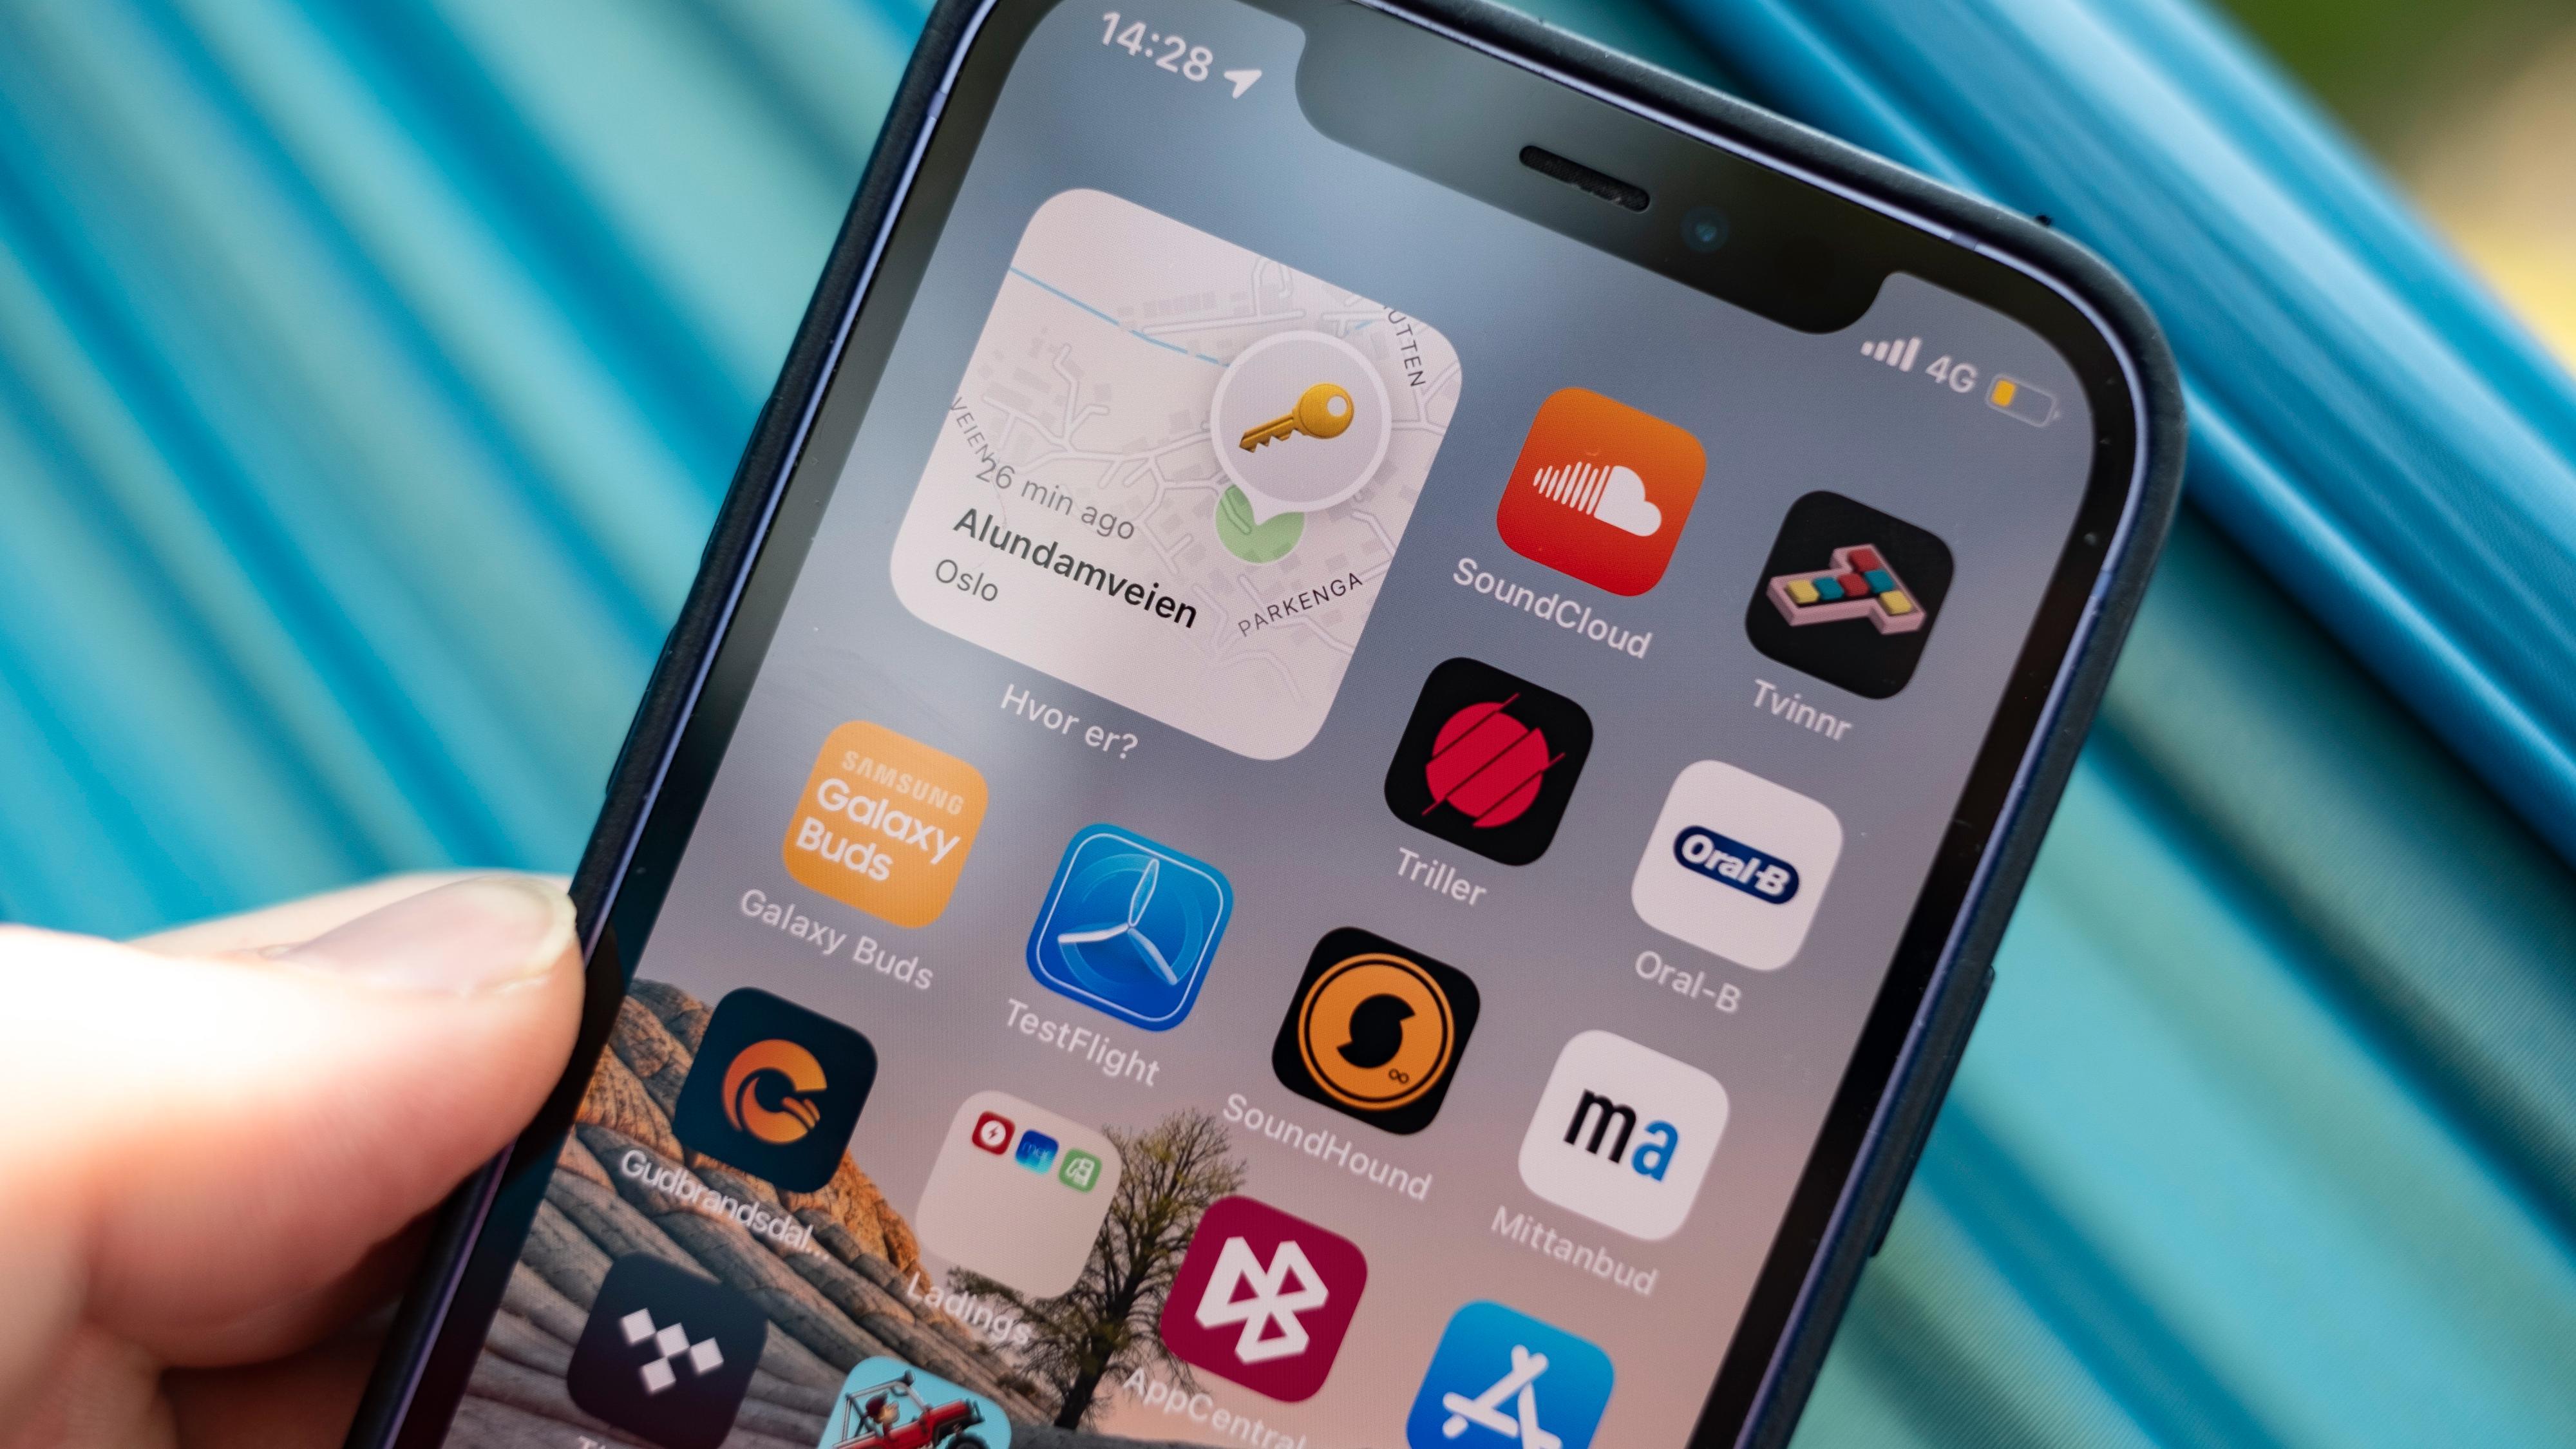 Nye widgeter for flere av Apples egne apper og funksjoner har kommet til. Hvor er-widgeten viser hvor et sett nøkler med AirTags befinner seg rett i appmenyen.